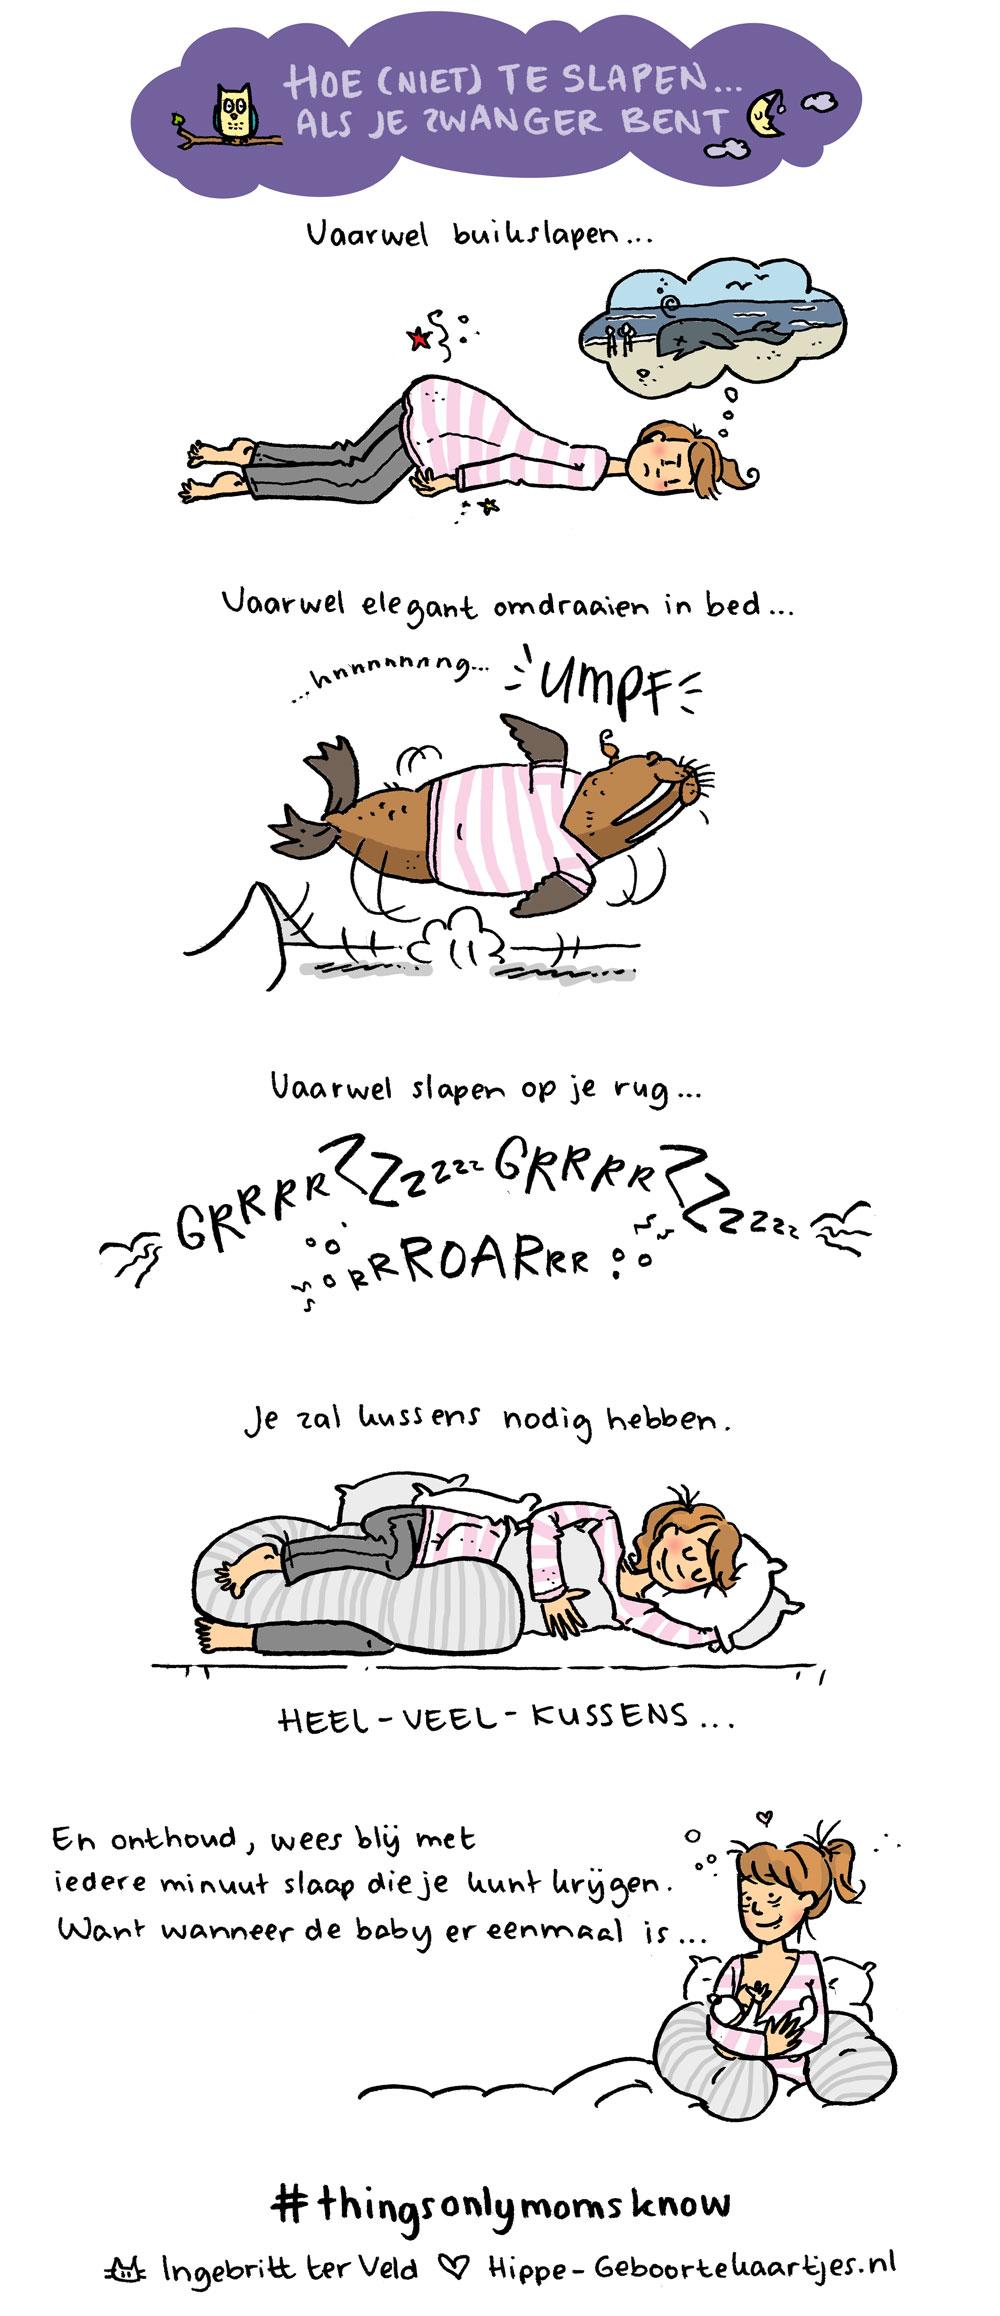 Slapen - Deze cartoons beschrijven het moederschap